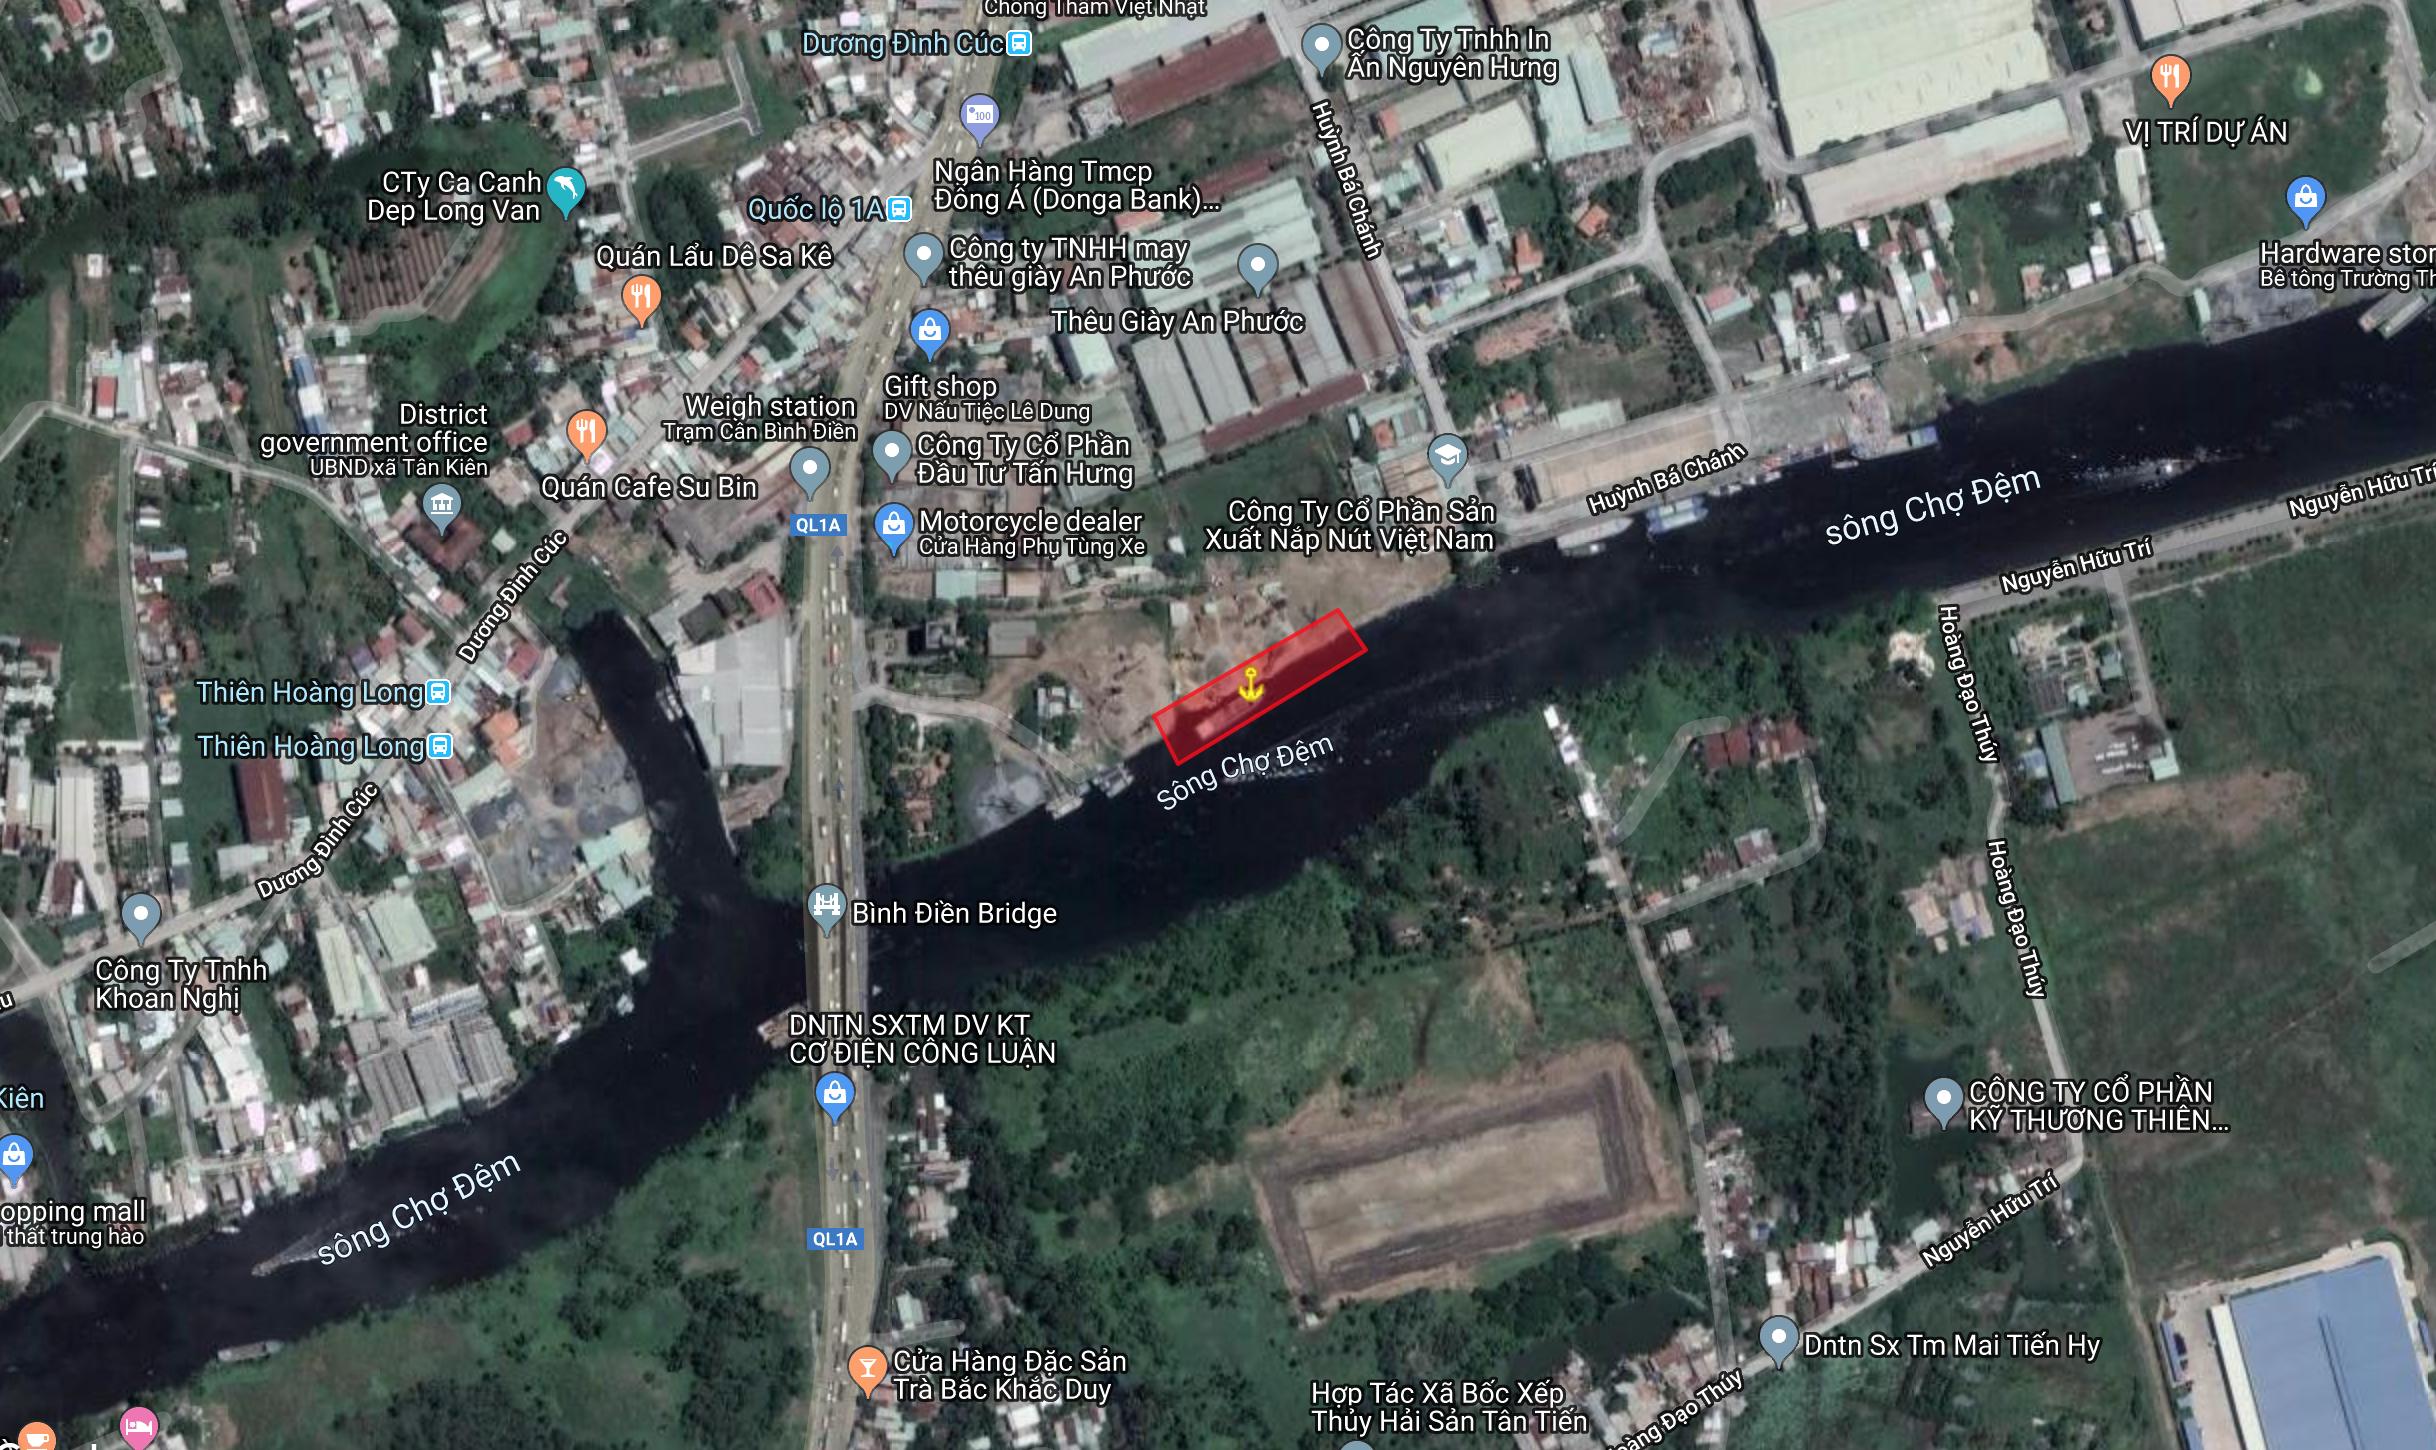 HCM | Cảng An Phước Xã Tân Kiên,Huyện Bình Chánh,Tp.HCM | Bán cảng đường thuỷ | Cảng Sông